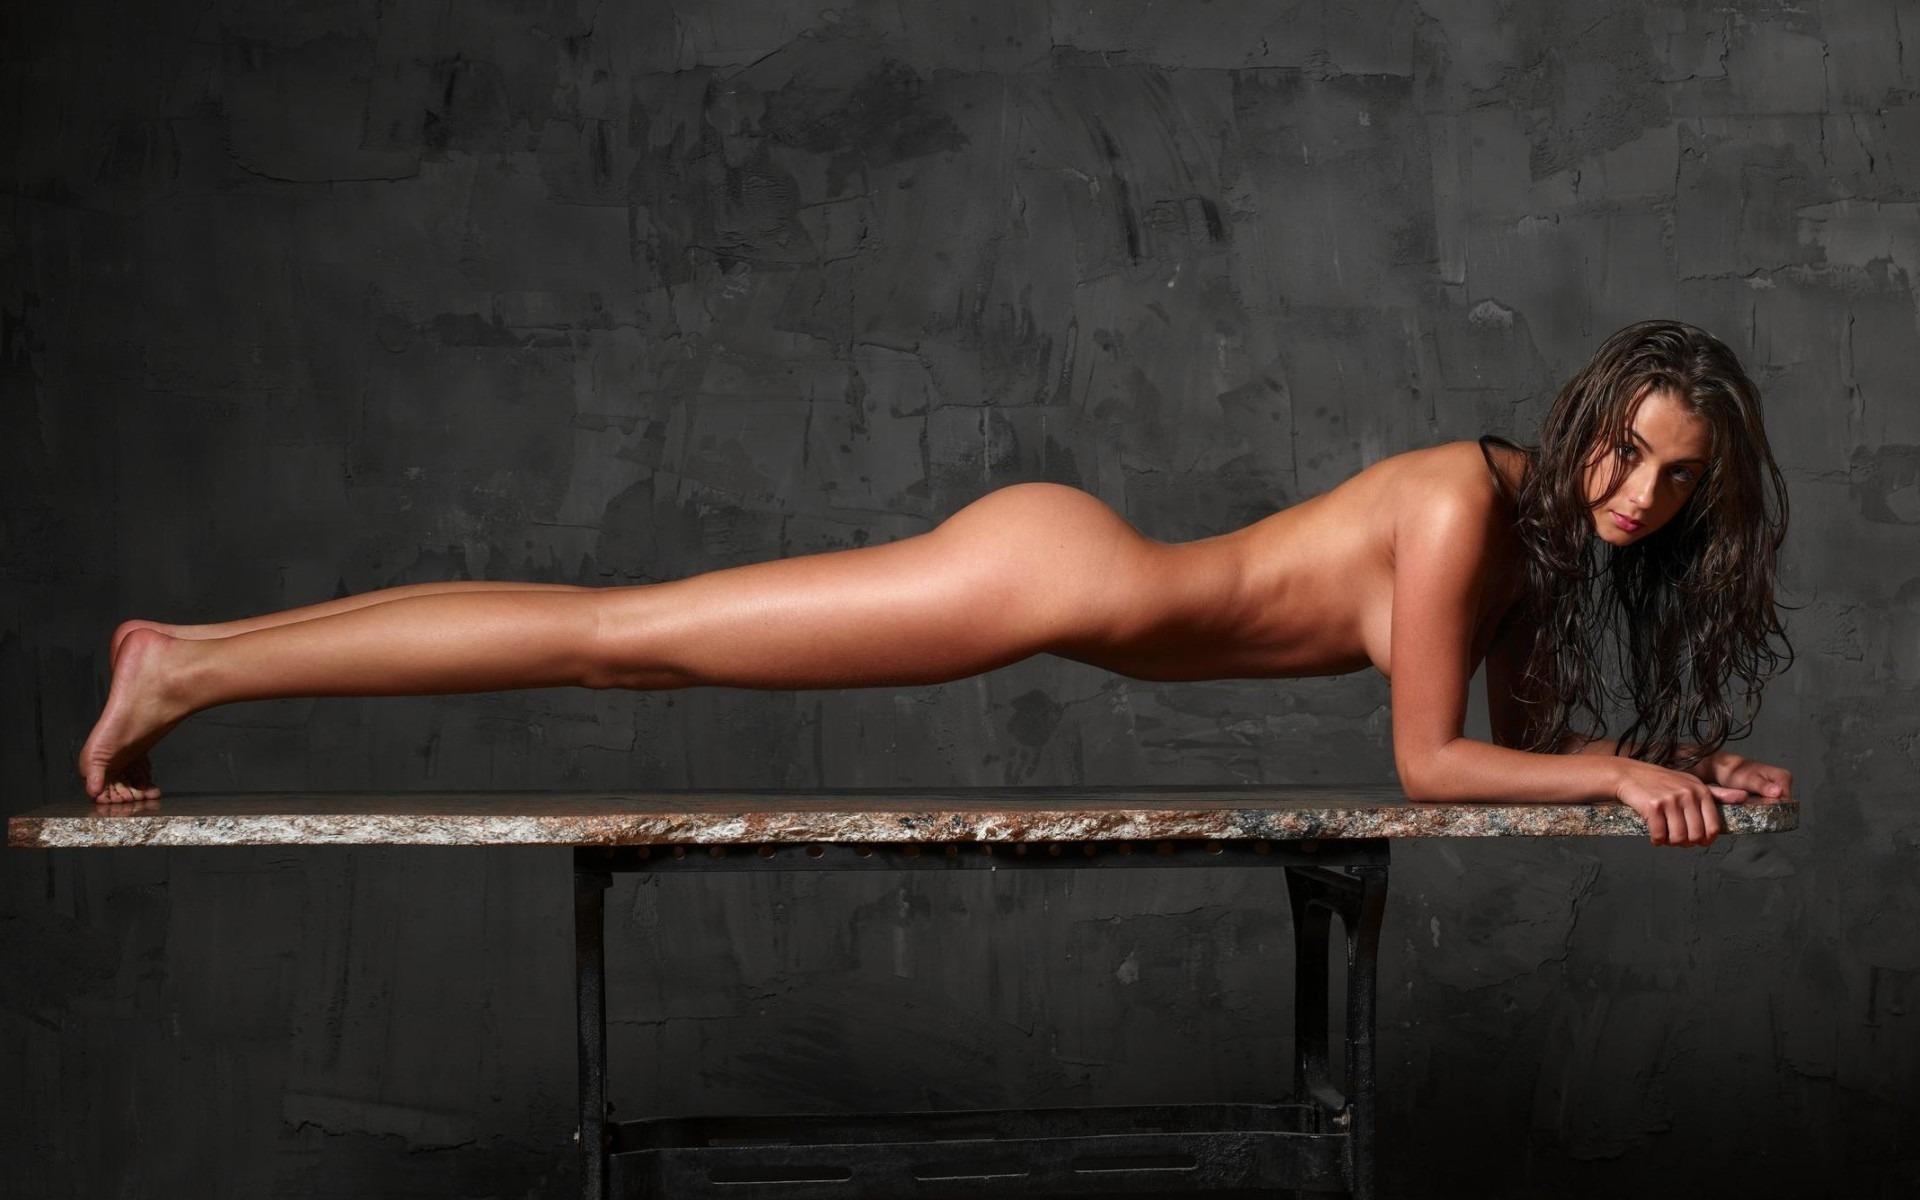 спортивные девчонки фото эротика - 5